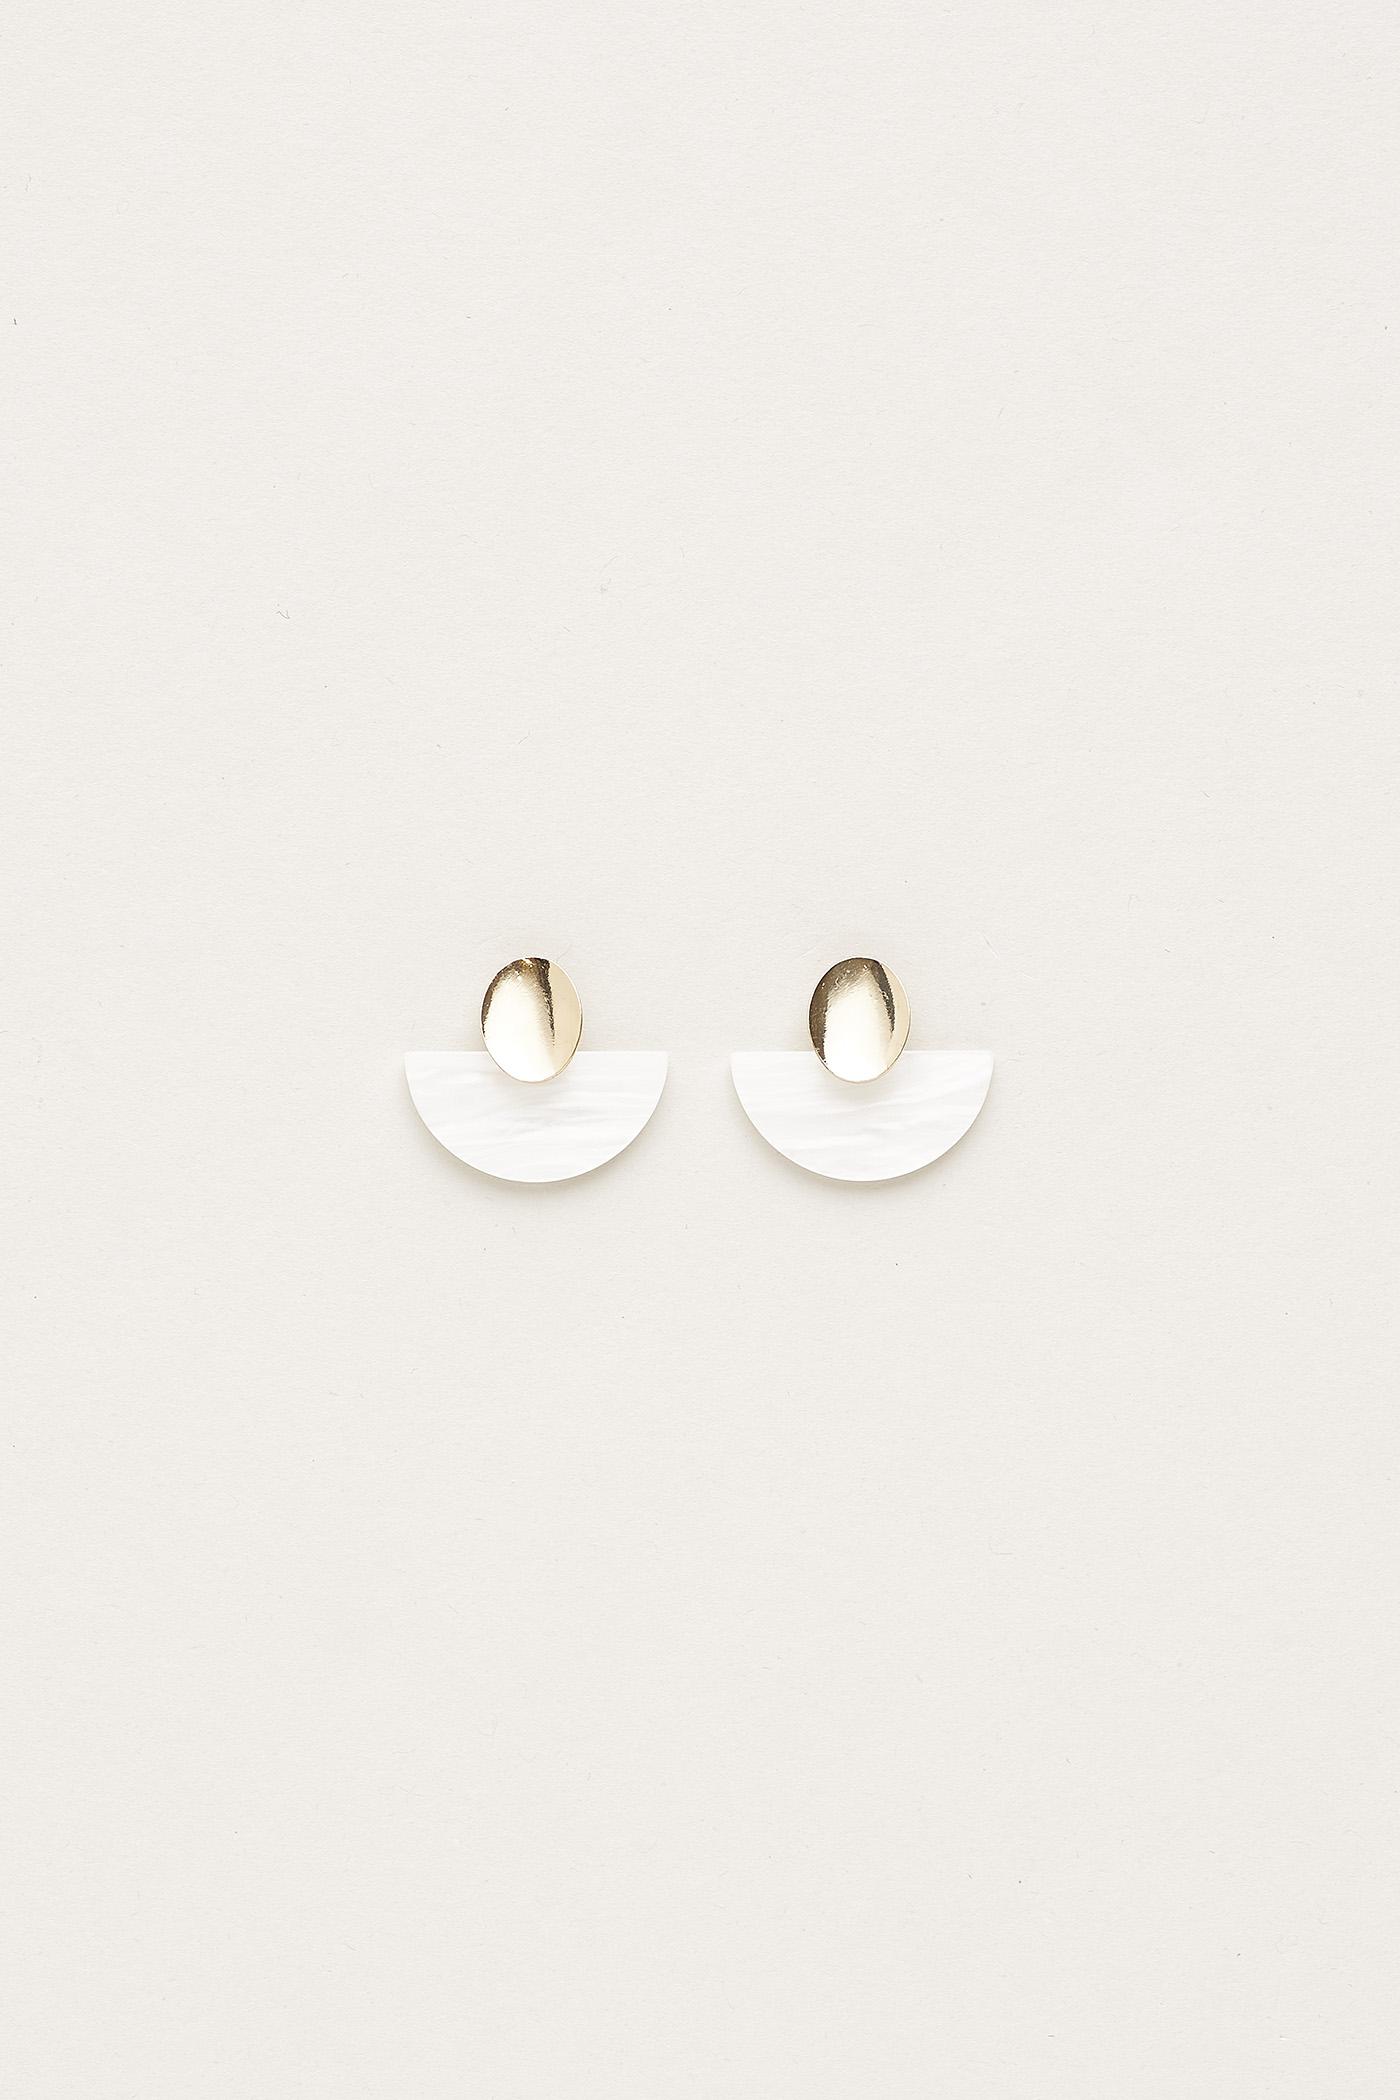 Valiry Resin Drop Earrings